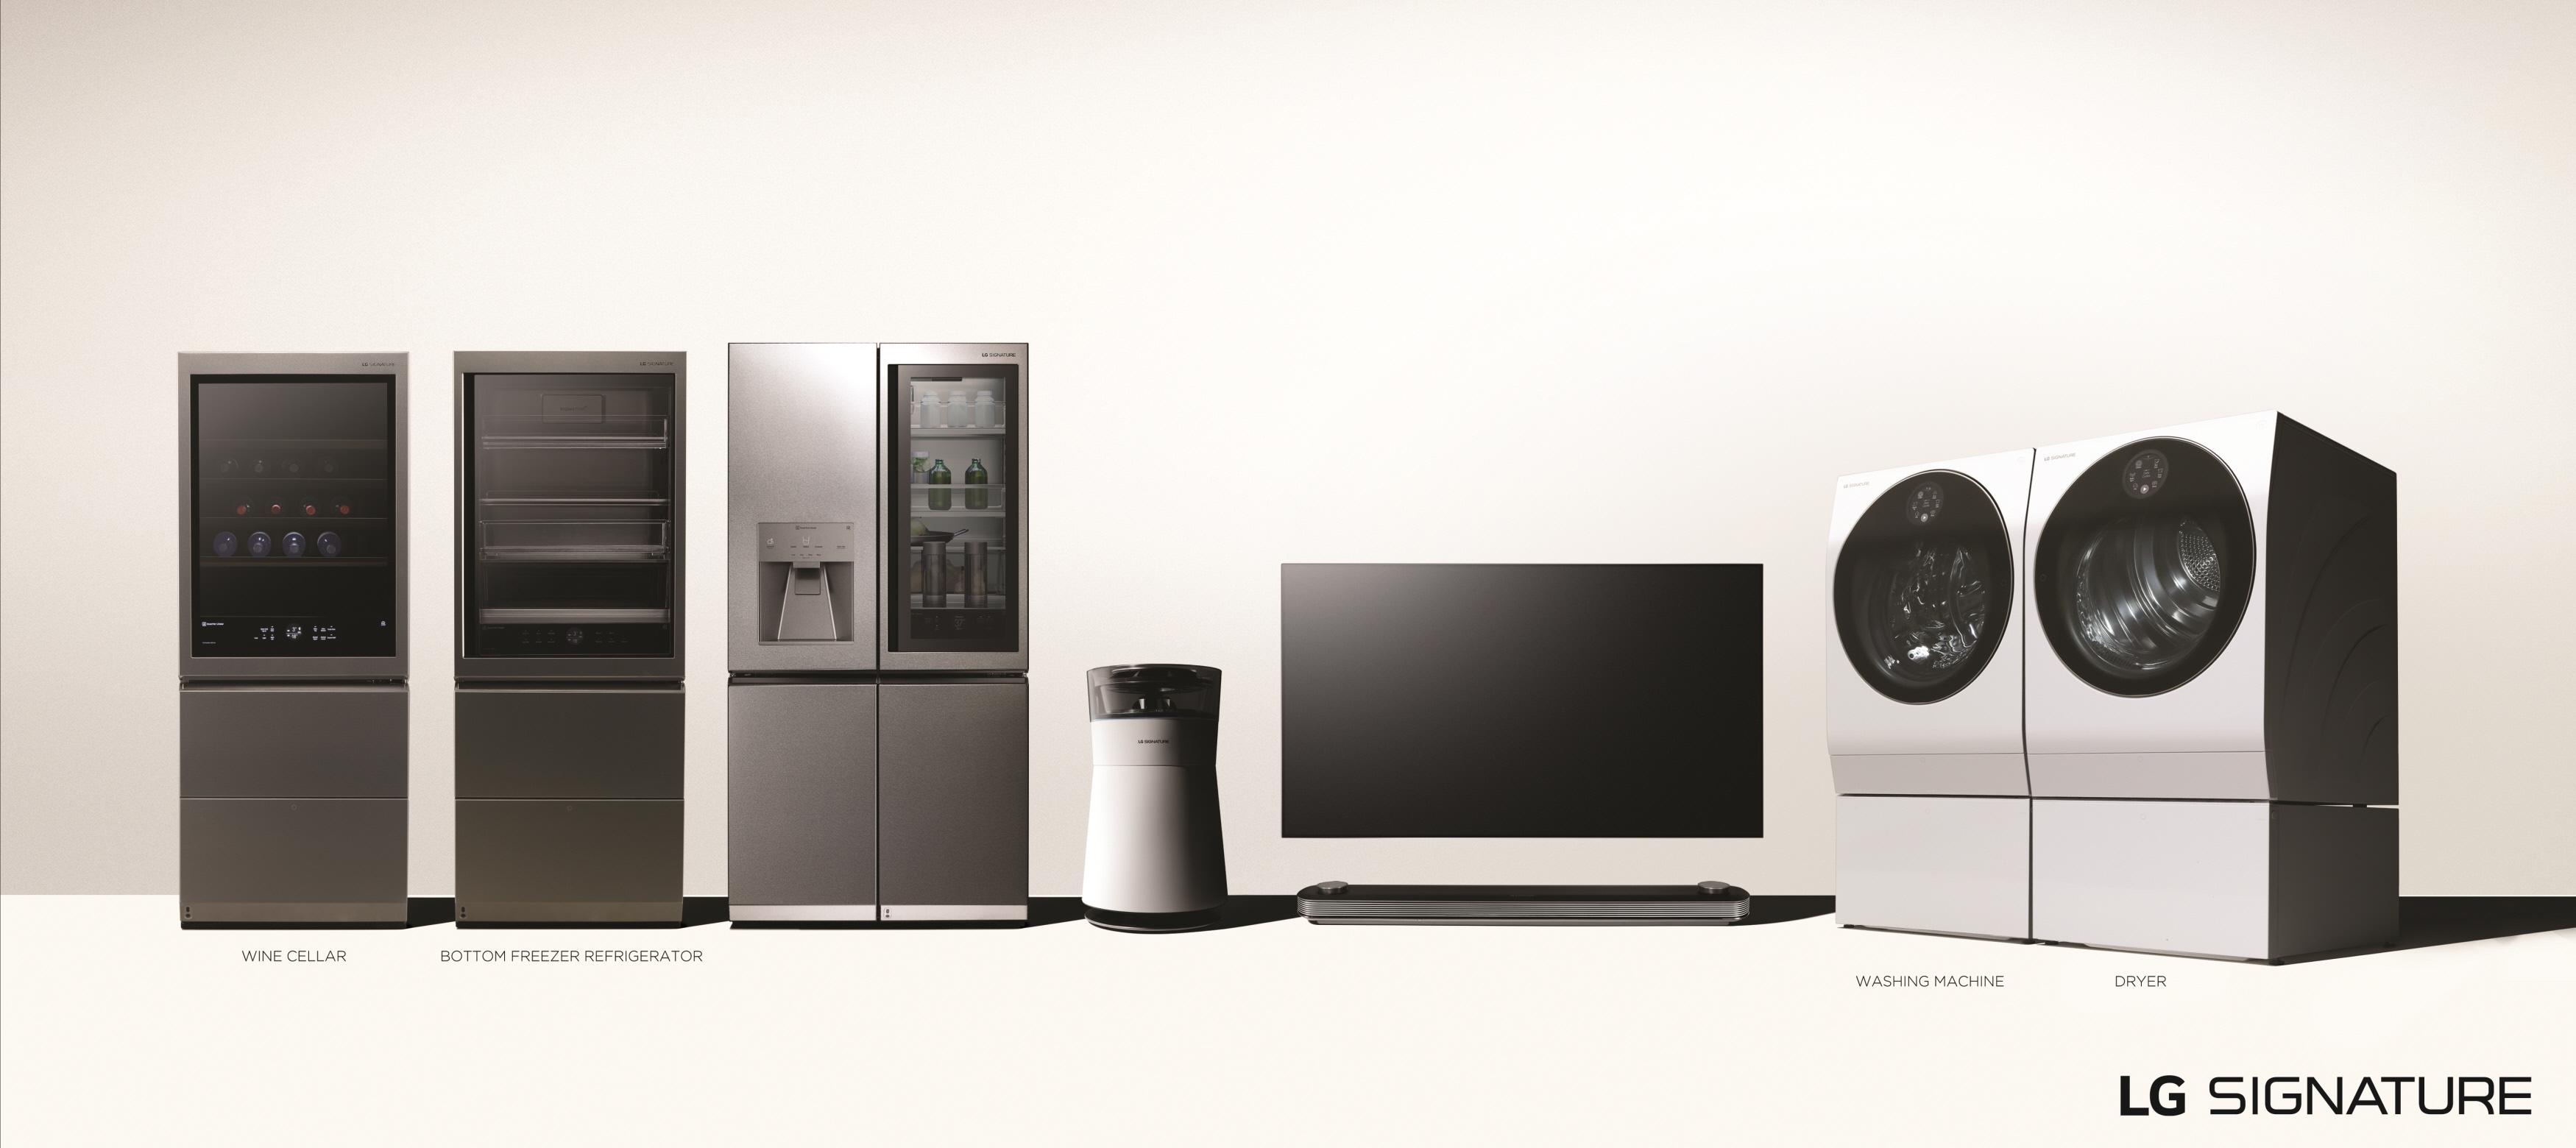 LG전자의 초프리미엄 가전 'LG 시그니처'의 전 제품 이미지. 왼쪽부터 와인셀러, 상냉장 하냉동 냉장고, 냉장고, 공기청정기, 올레드 TV, 세탁기, 건조기.